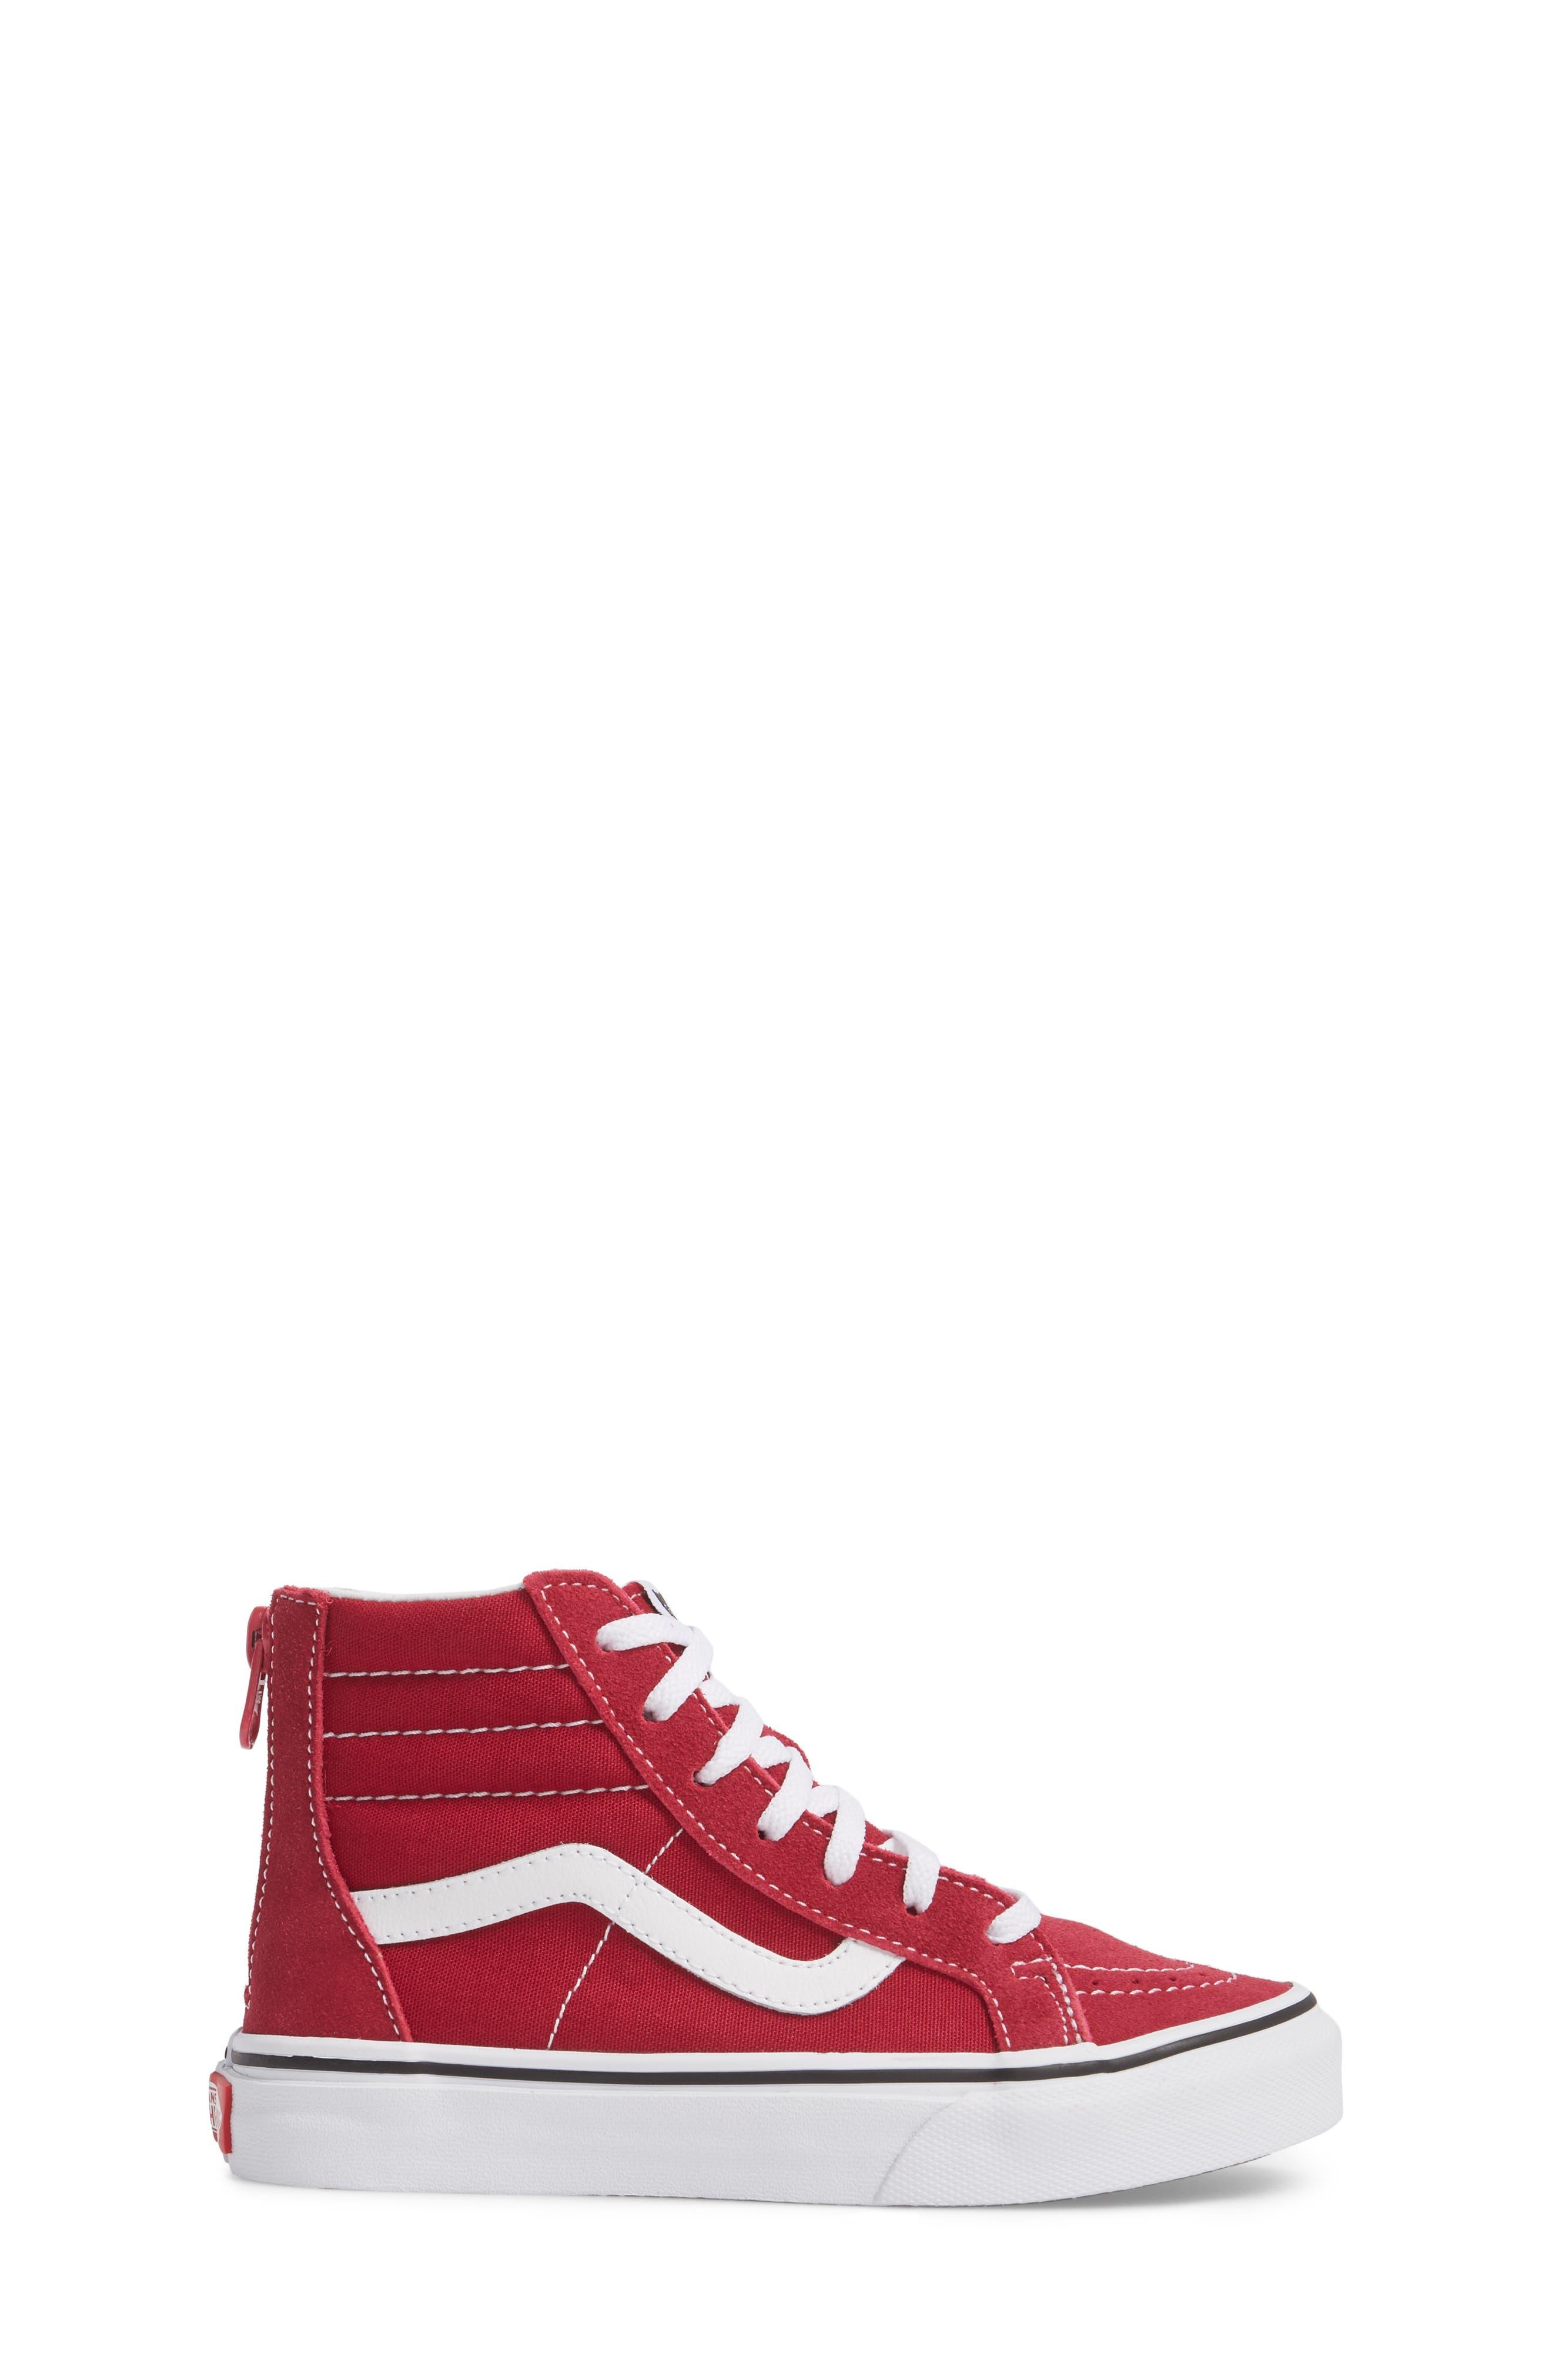 'Sk8-Hi' Zip Sneaker,                             Alternate thumbnail 3, color,                             Persian Red/ True White